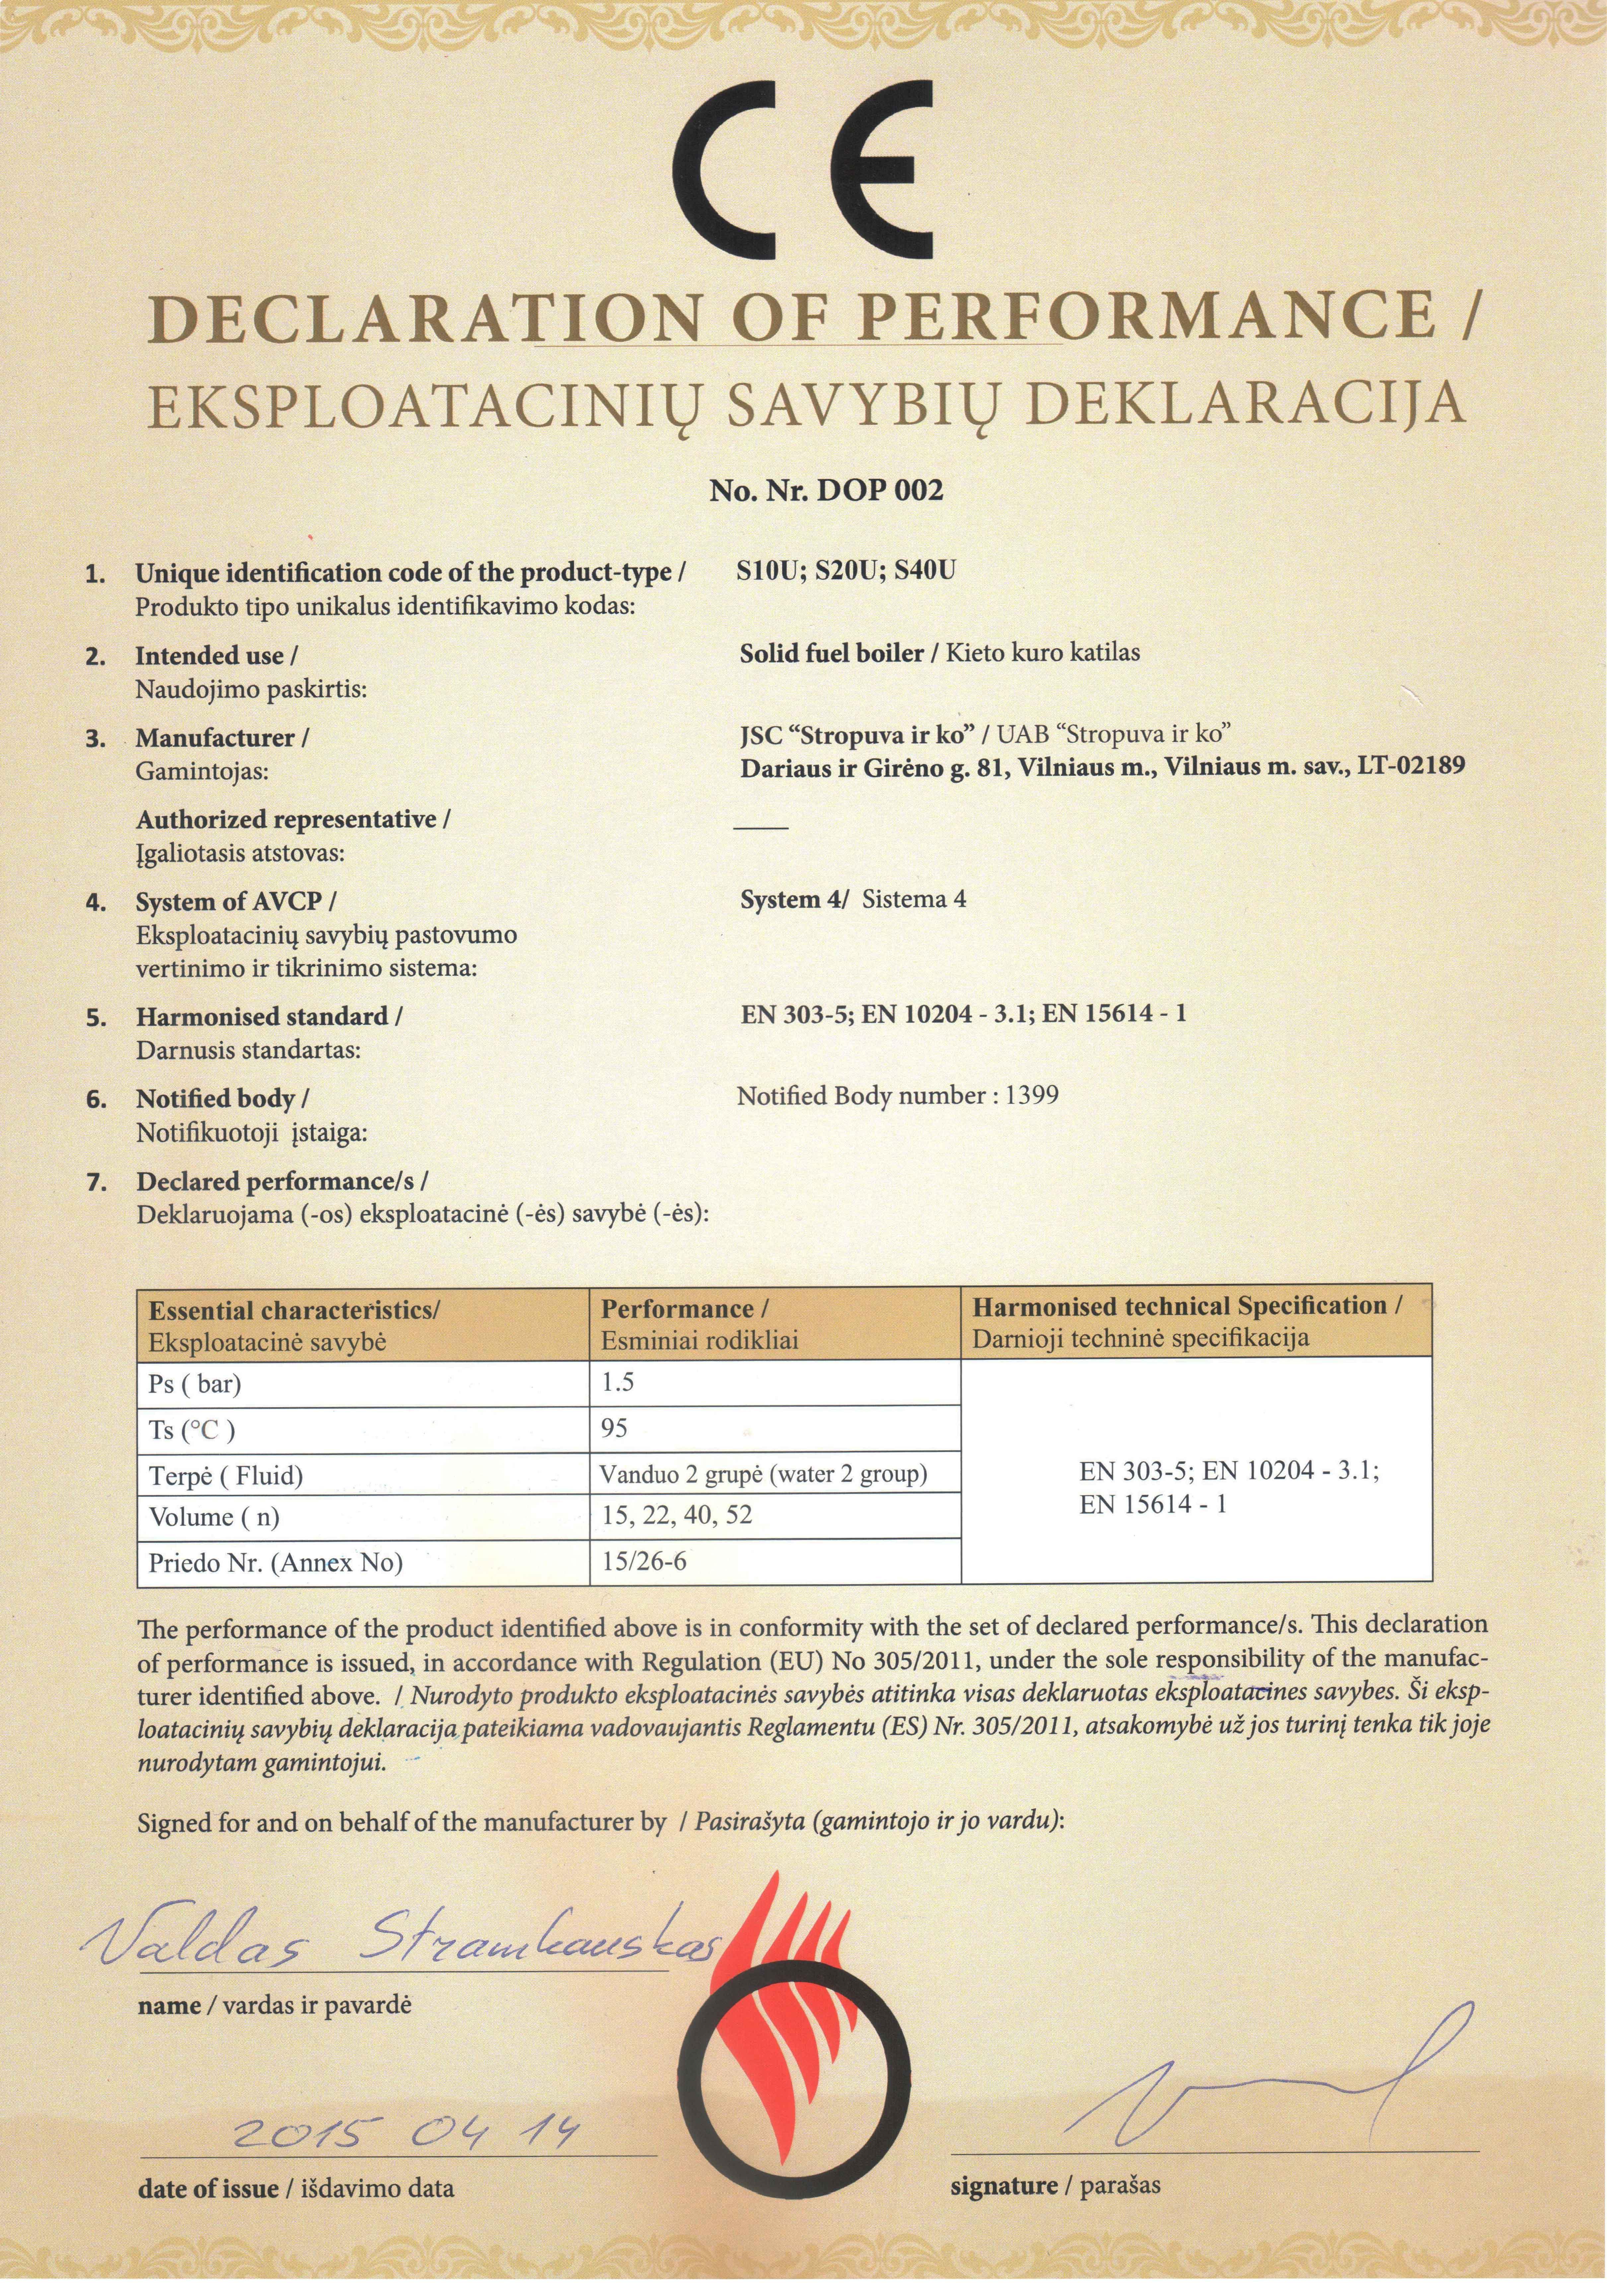 Eksplotaciniu savybiu deklaracija universalus katilai1